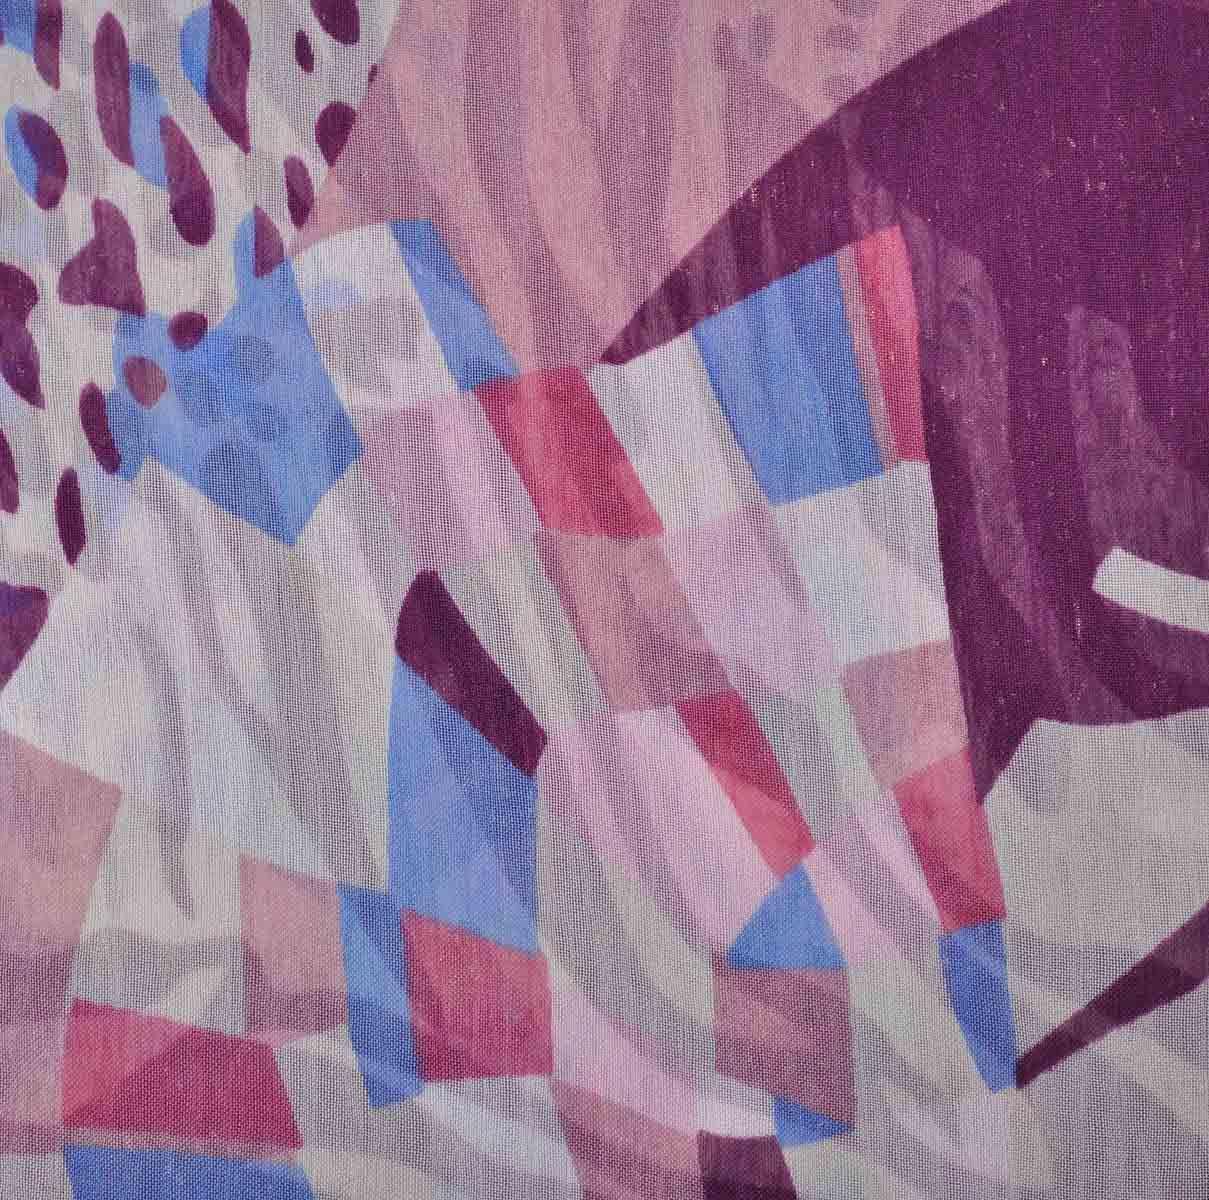 Le Donne Leopardato e zebrato Sciarpa Combi stampata LEGGERA lunghe sciarpe